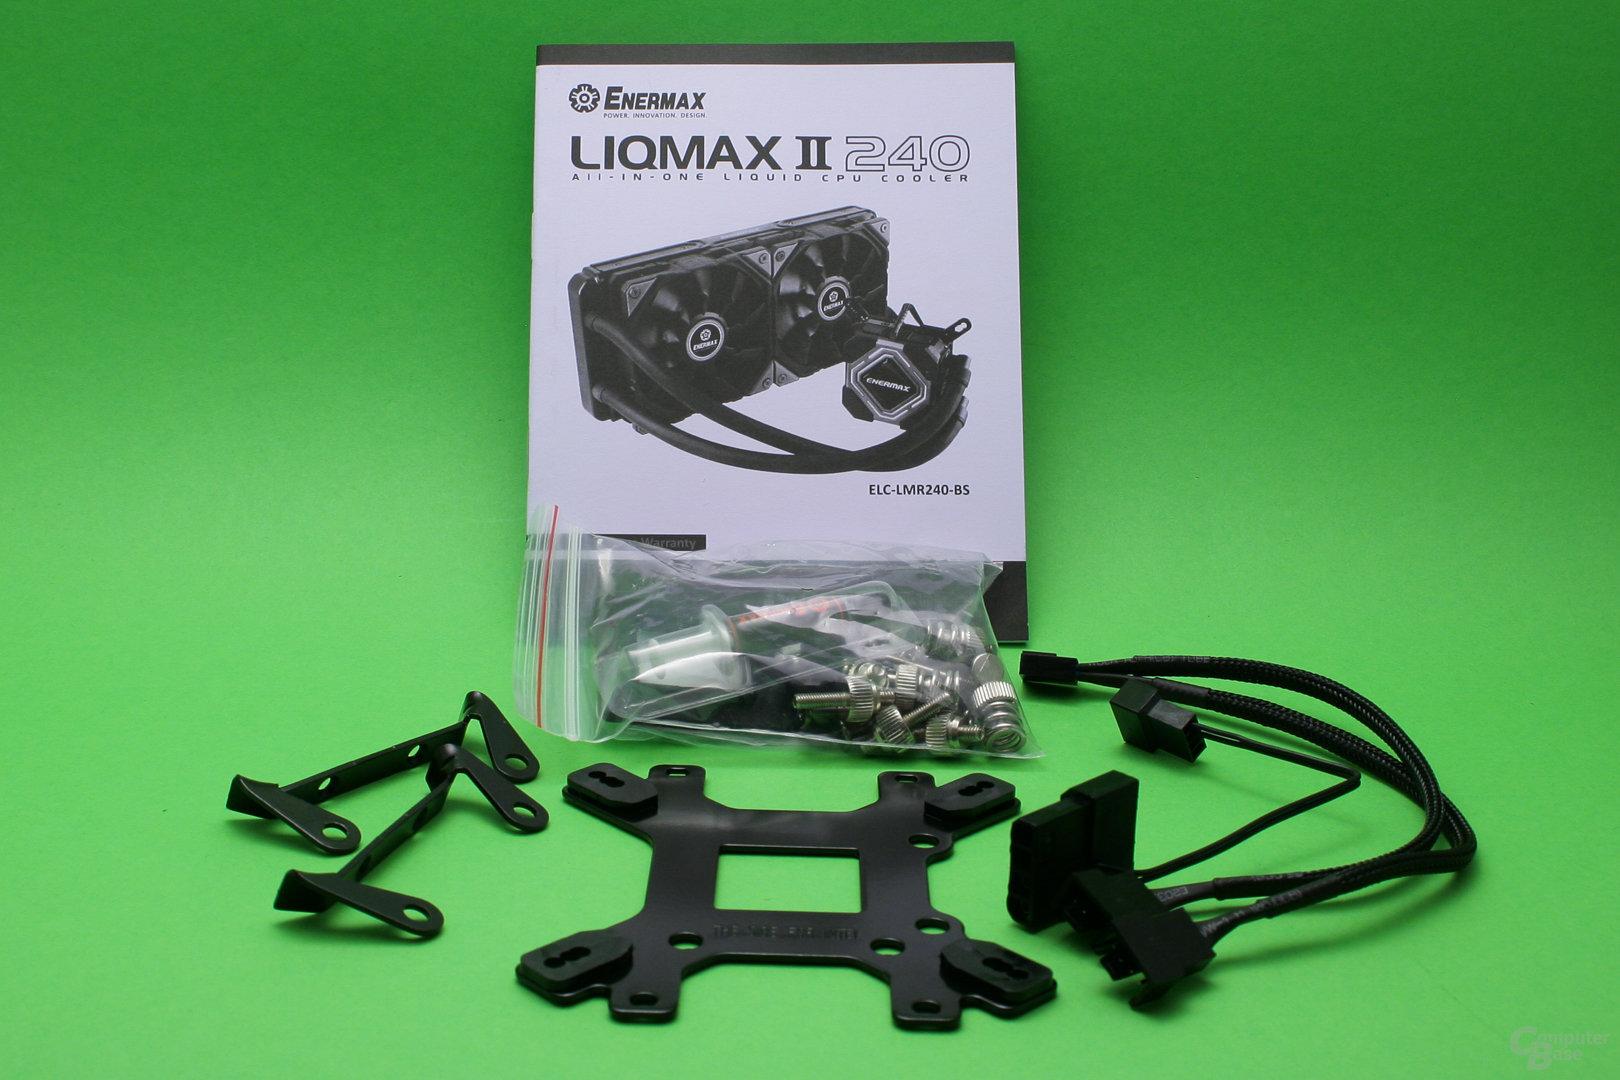 Enermax Liqmax II 240: Lieferumfang